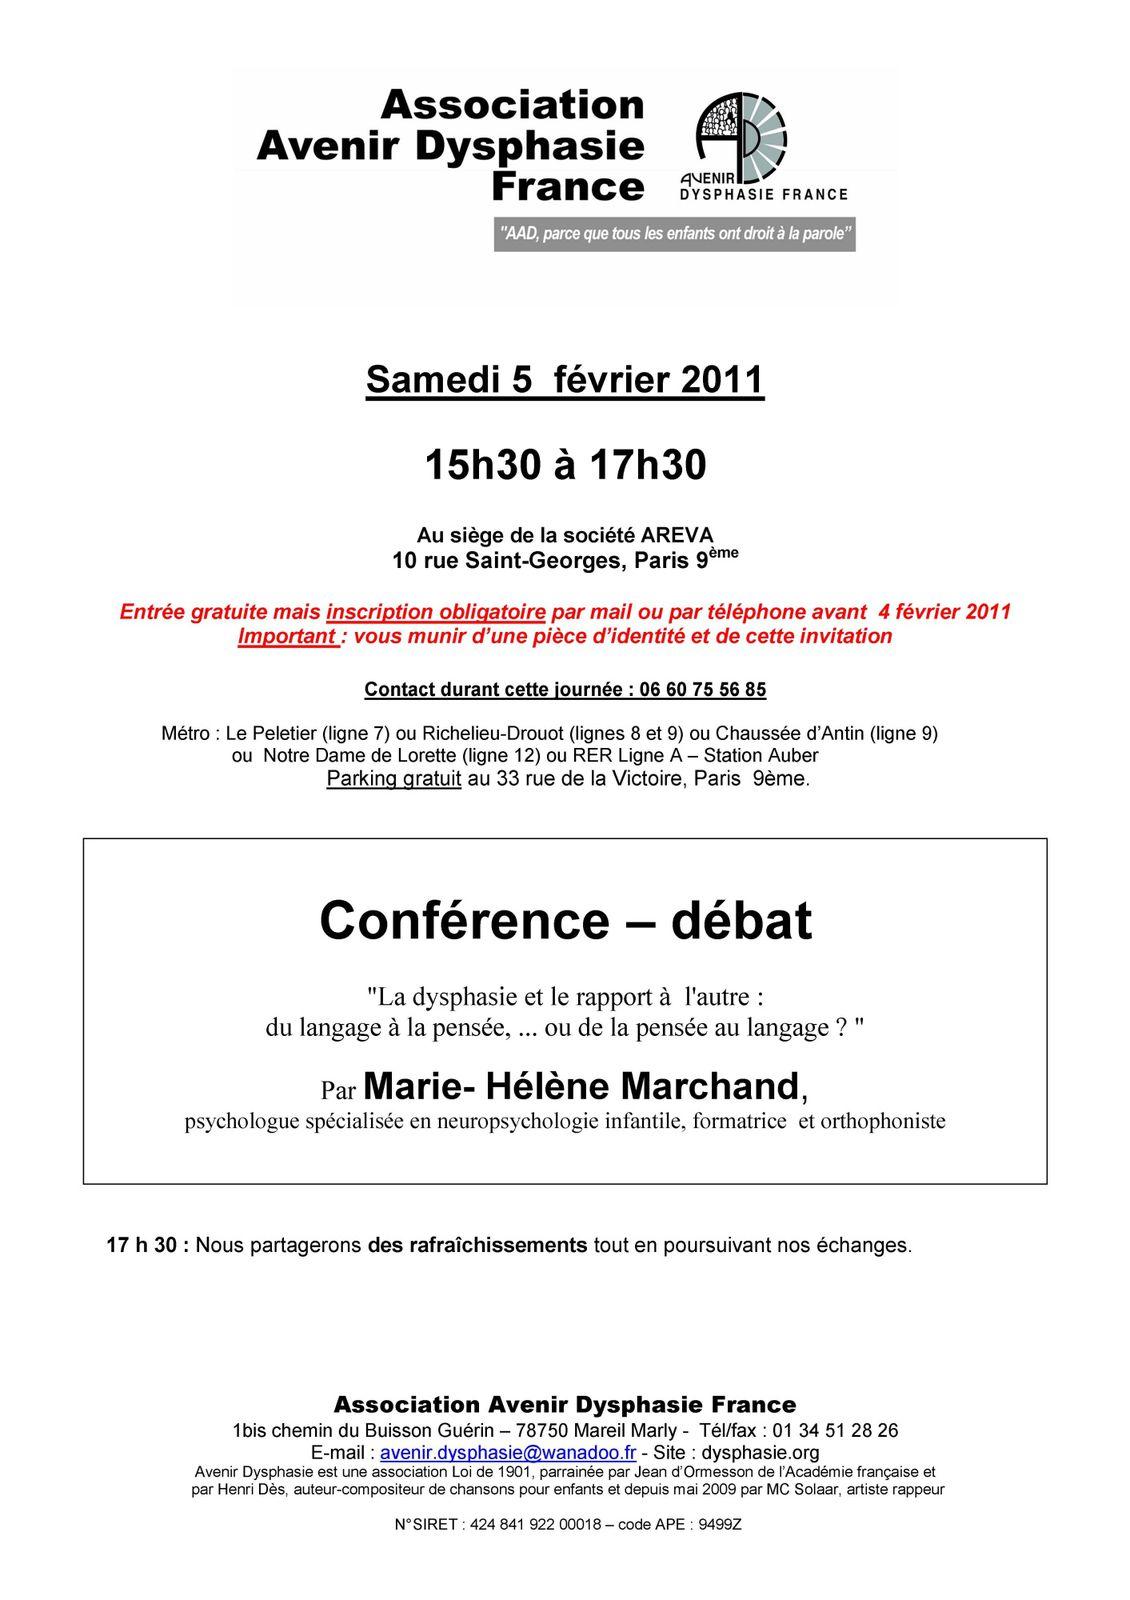 conference--debat-Samedi-5--fevrier-2011-_1_.jpg